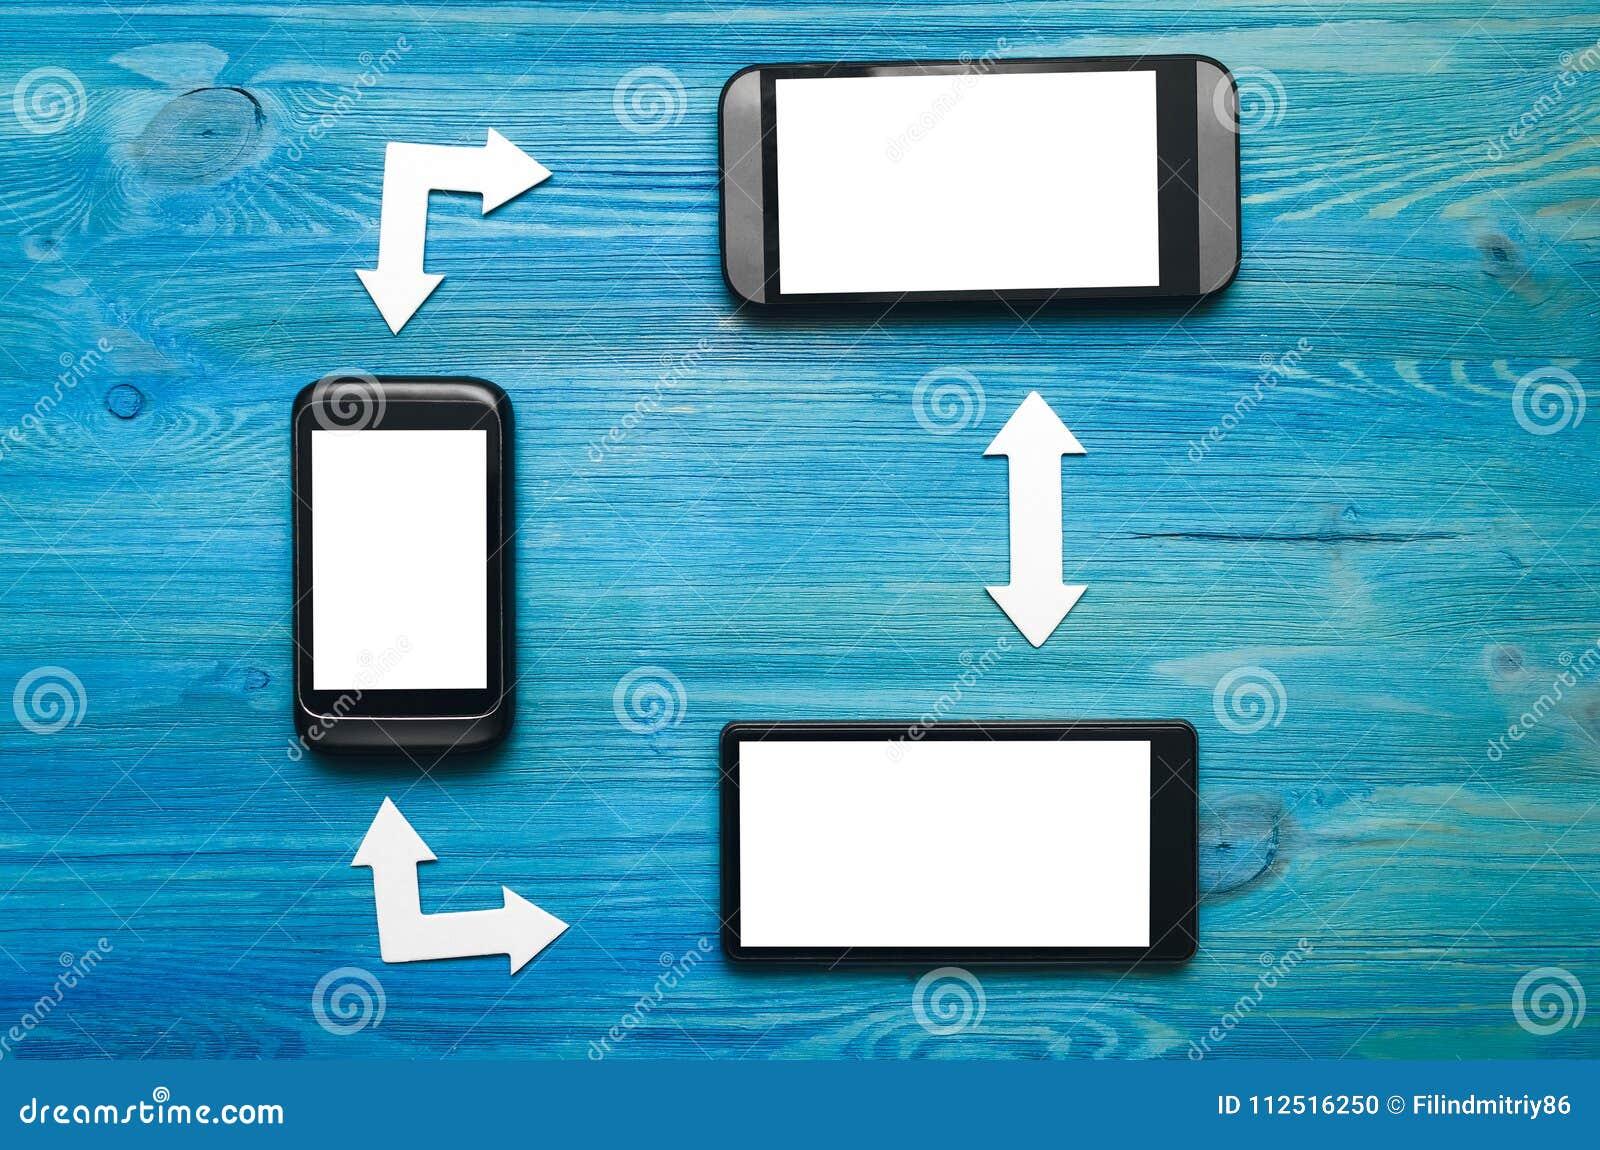 Κινητός τηλεφωνικός συγχρονισμός εισερχόμενες και εξερχόμενες κλήσεις